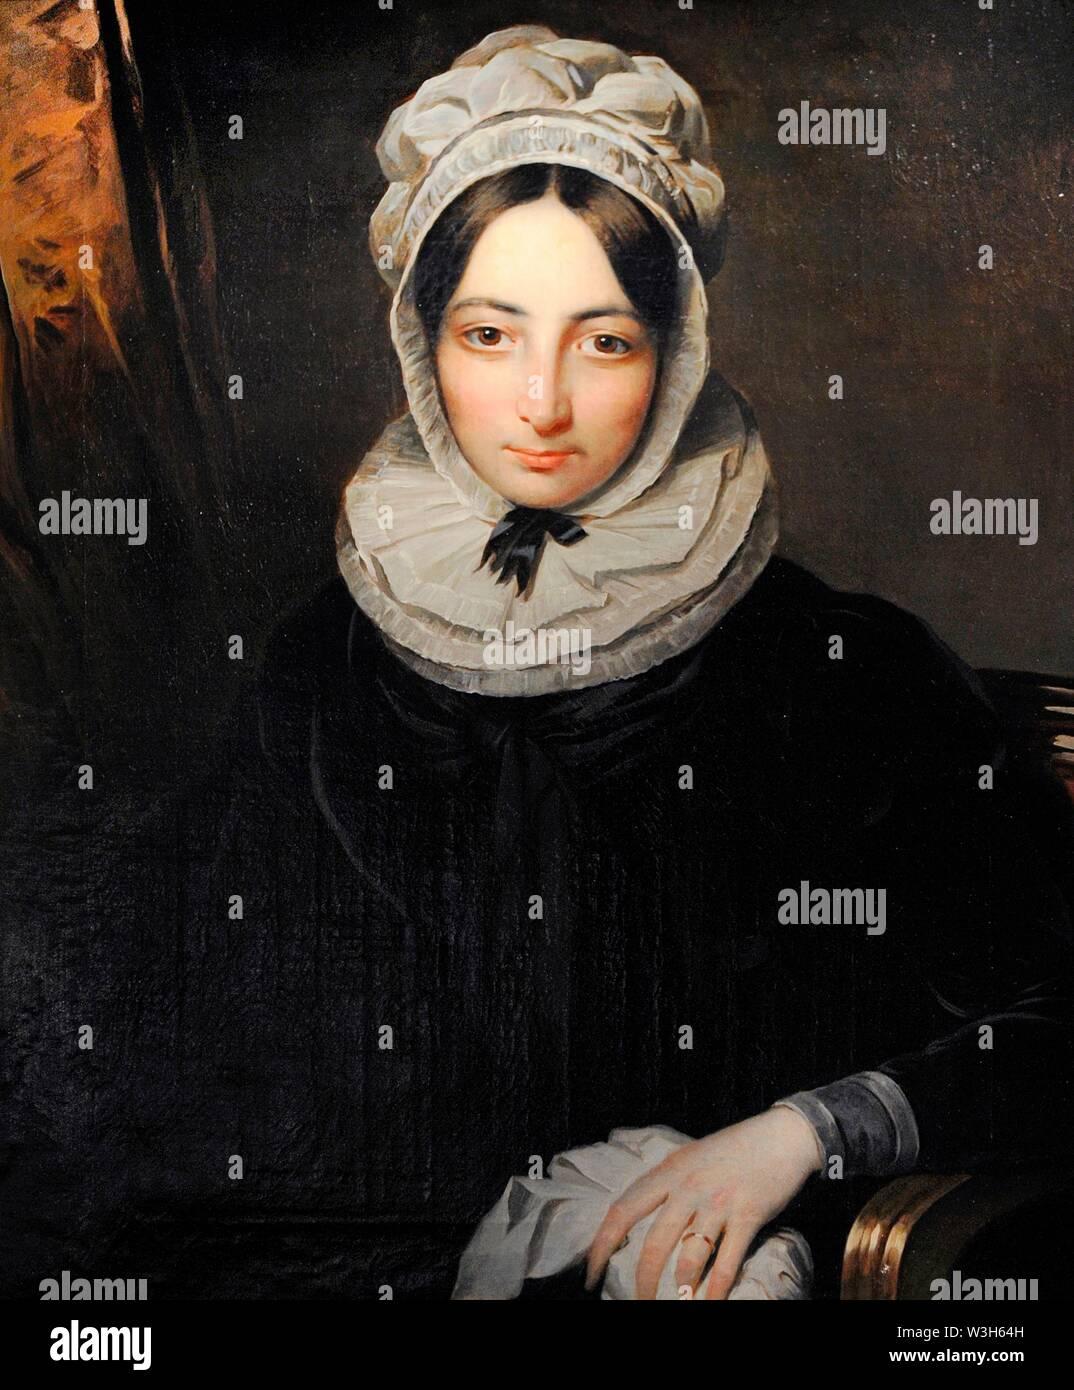 María Teresa del Riego y Bustillos (1800-1824). Viuda del General Riego. Retrato por Benjamin de la Cour, hacia 1824. Museo del Romanticismo. Madrid. España. Banque D'Images